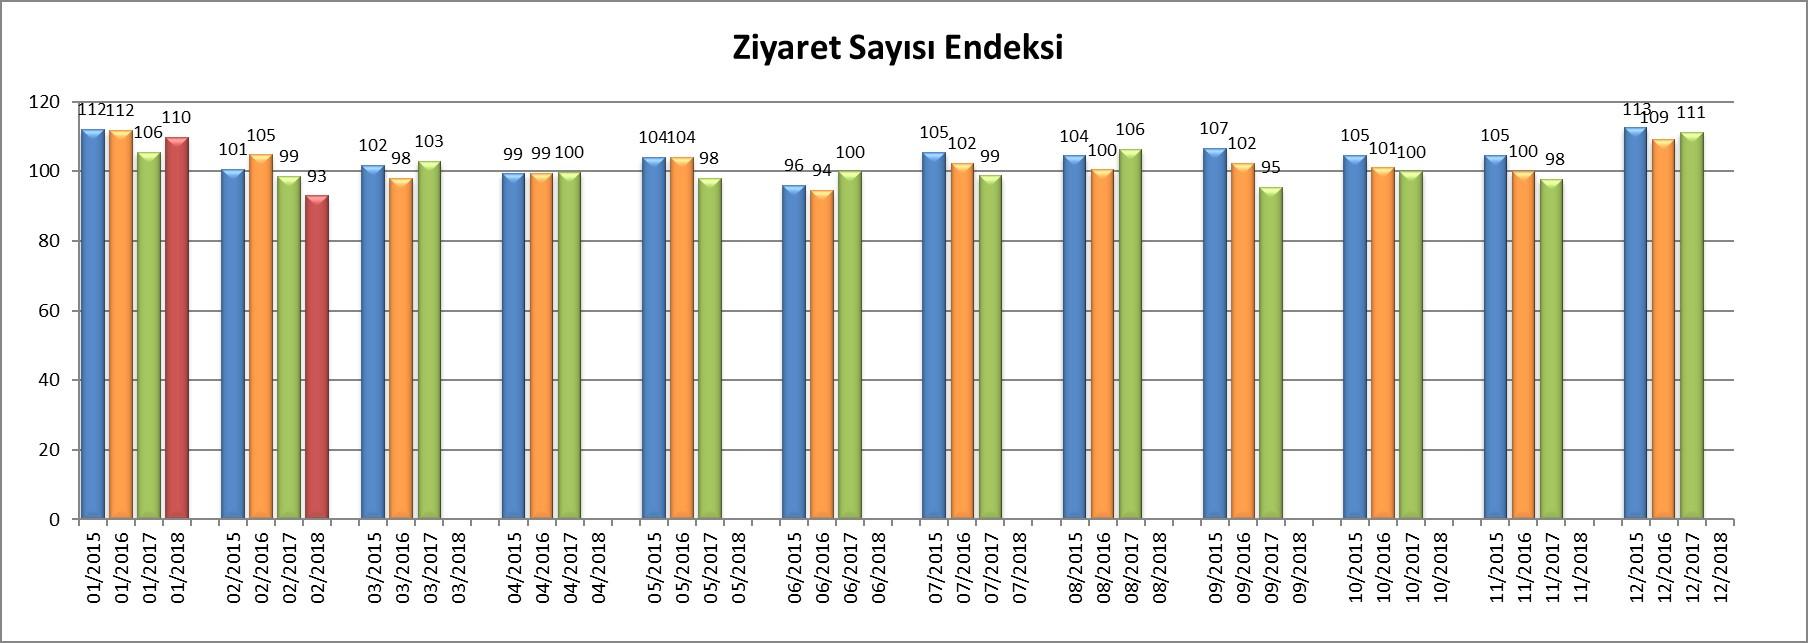 1522935554_Ziyaret_Say__s___Endeksi